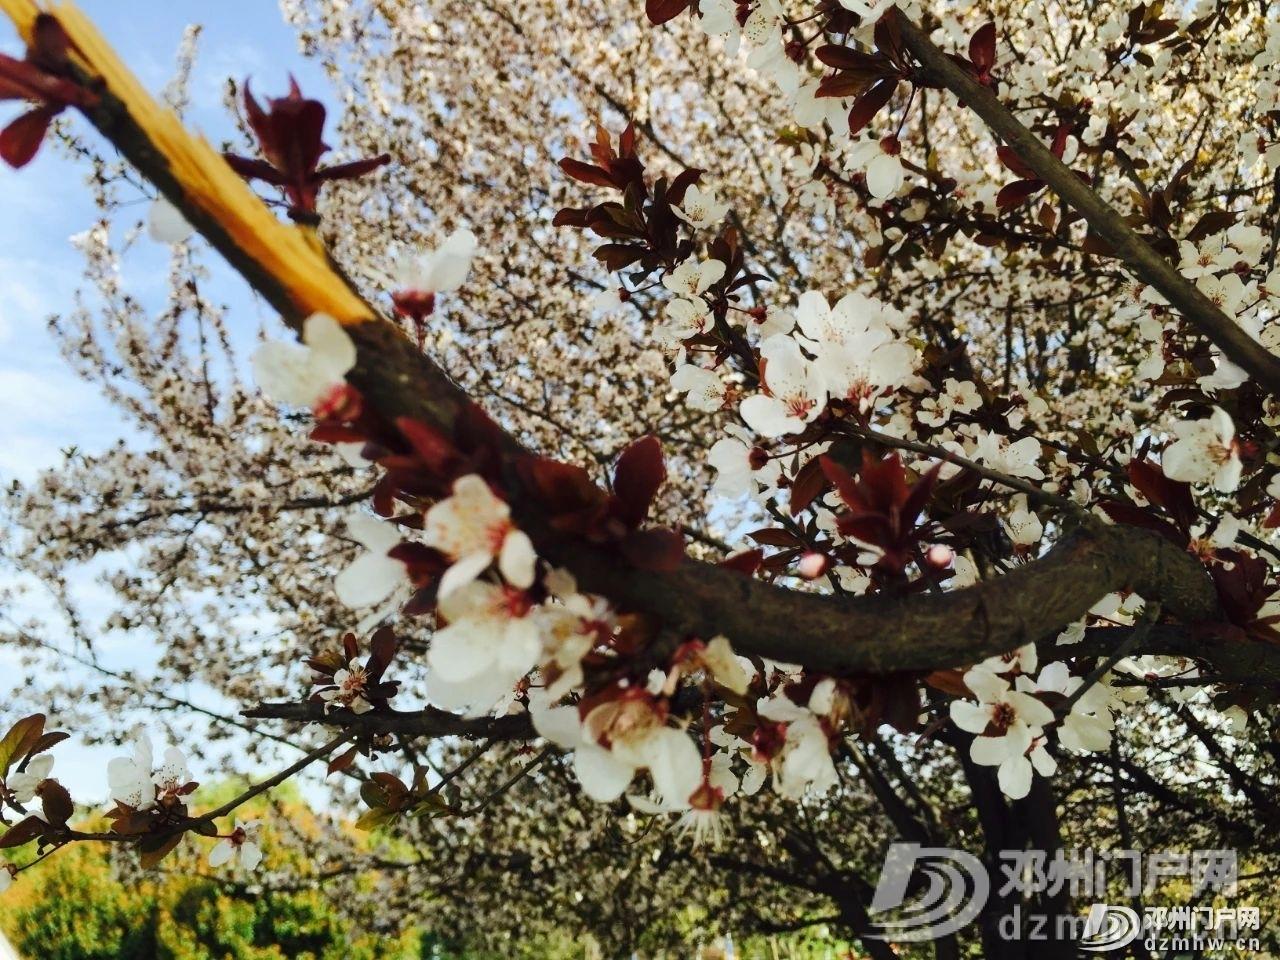 春暖花开,邓州,久等了! - 邓州门户网|邓州网 - a32cbaddd1c258fdf17f5dbf0fc9c023.jpg